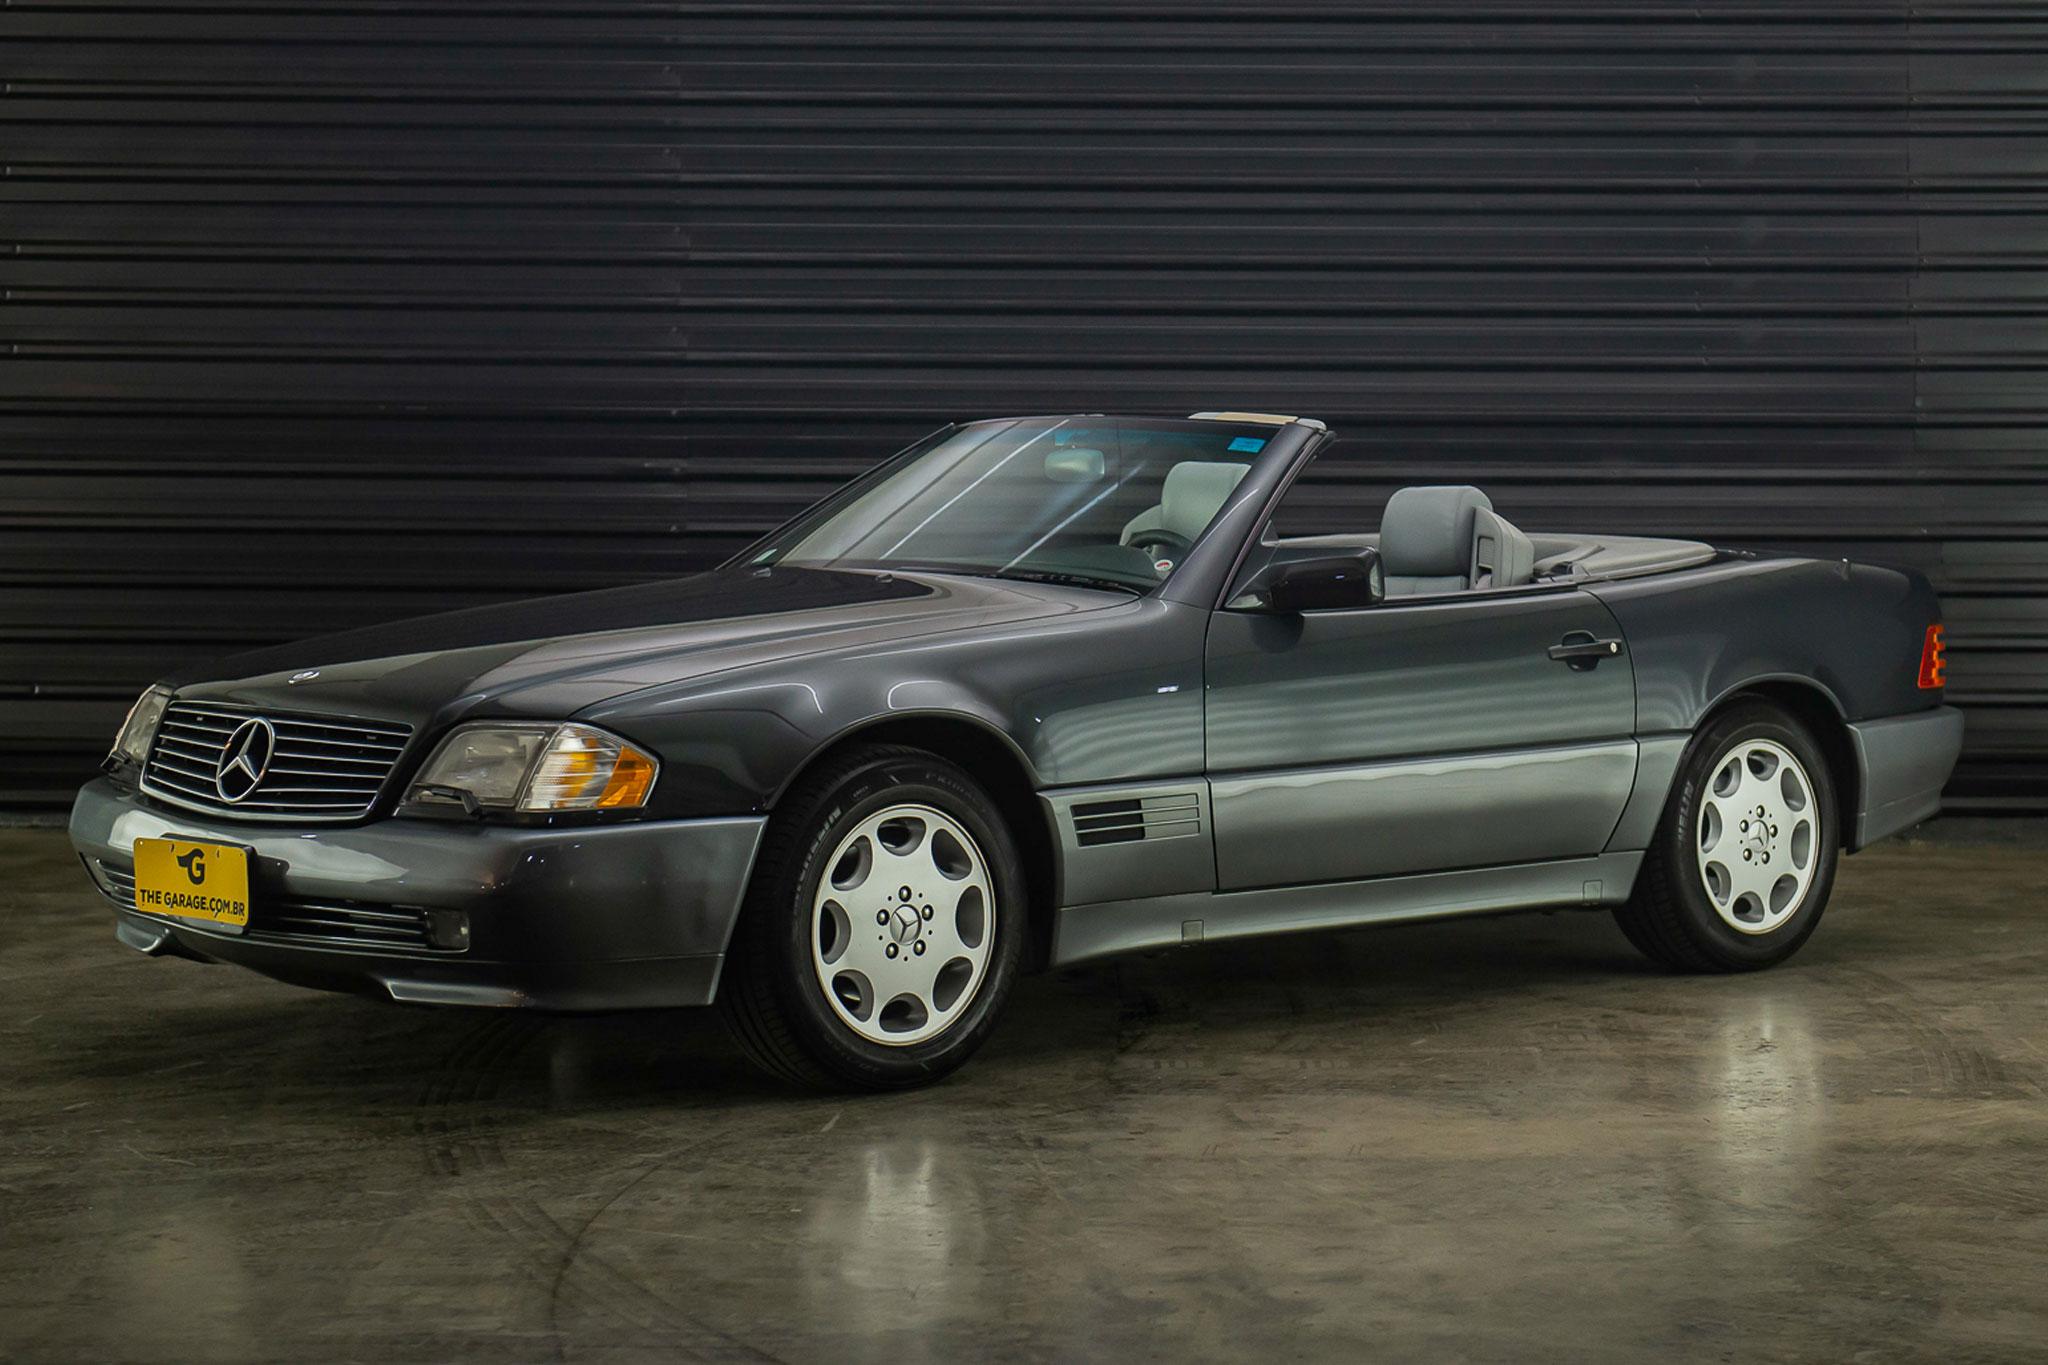 1995-Mercedes-Benz-Sl500-a-venda-sao-paulo-sp-for-sale-the-garage-classicos-a-melhor-loja-de-carros-antigos-acervo-de-carros--6